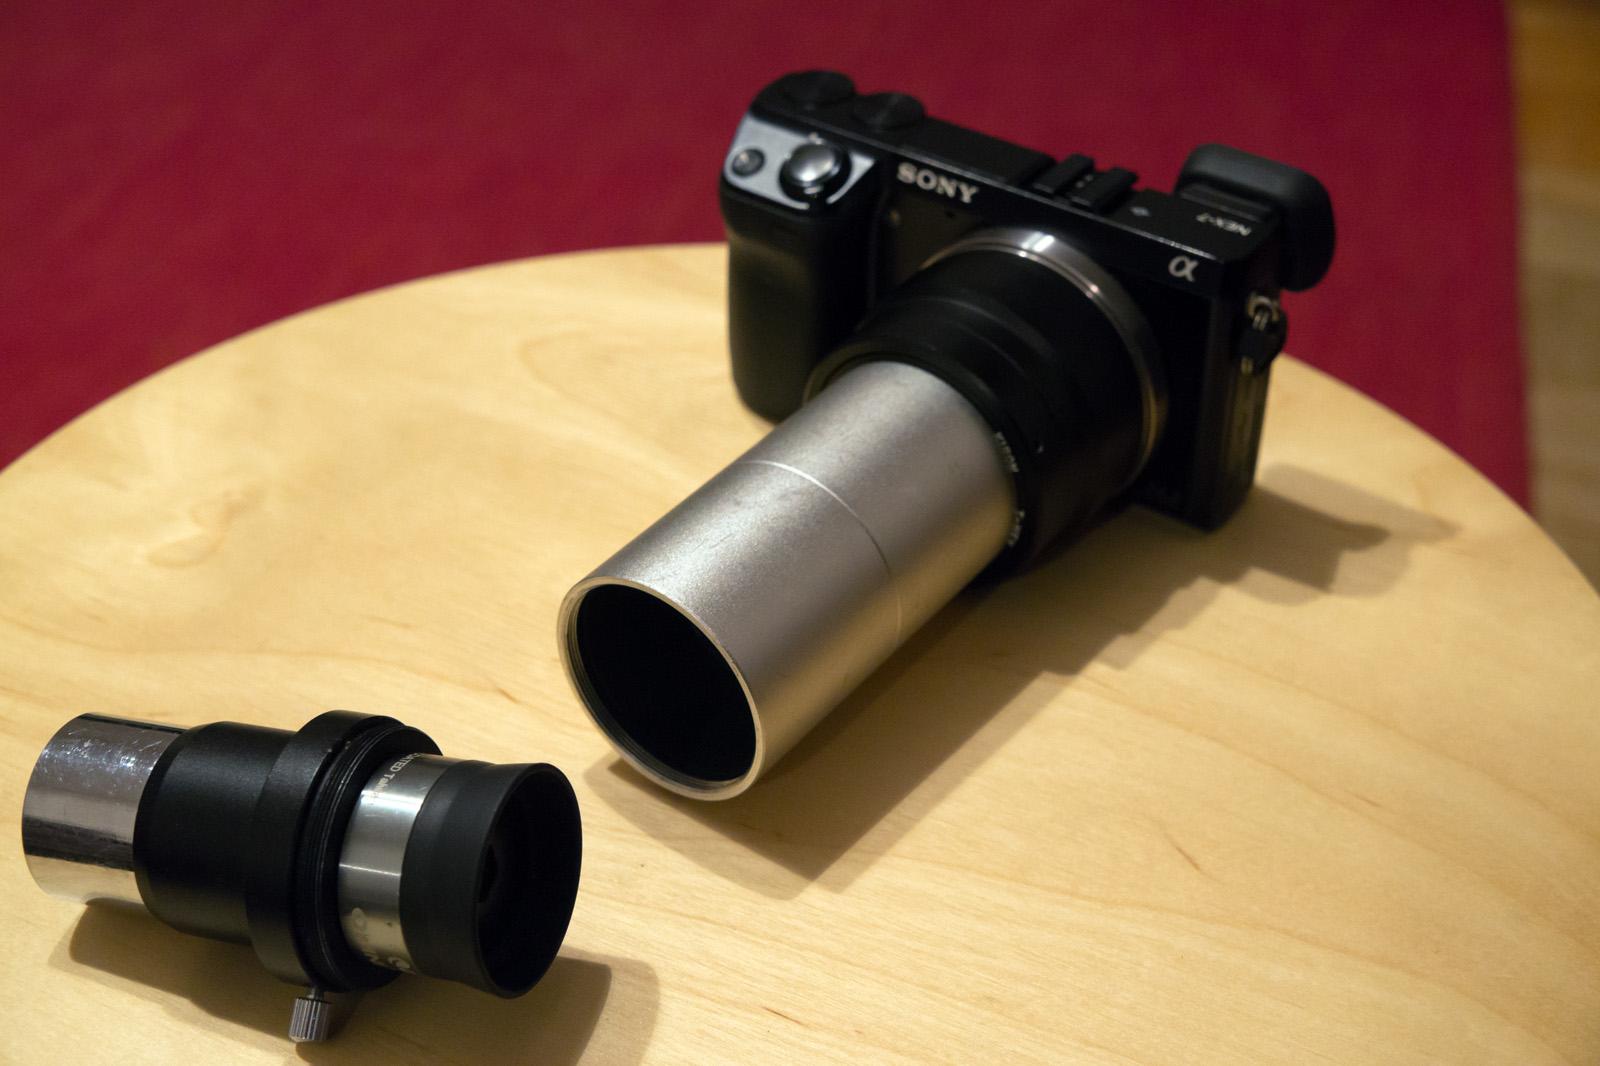 Самодельный телескоп своими руками - схема и инструкции 27